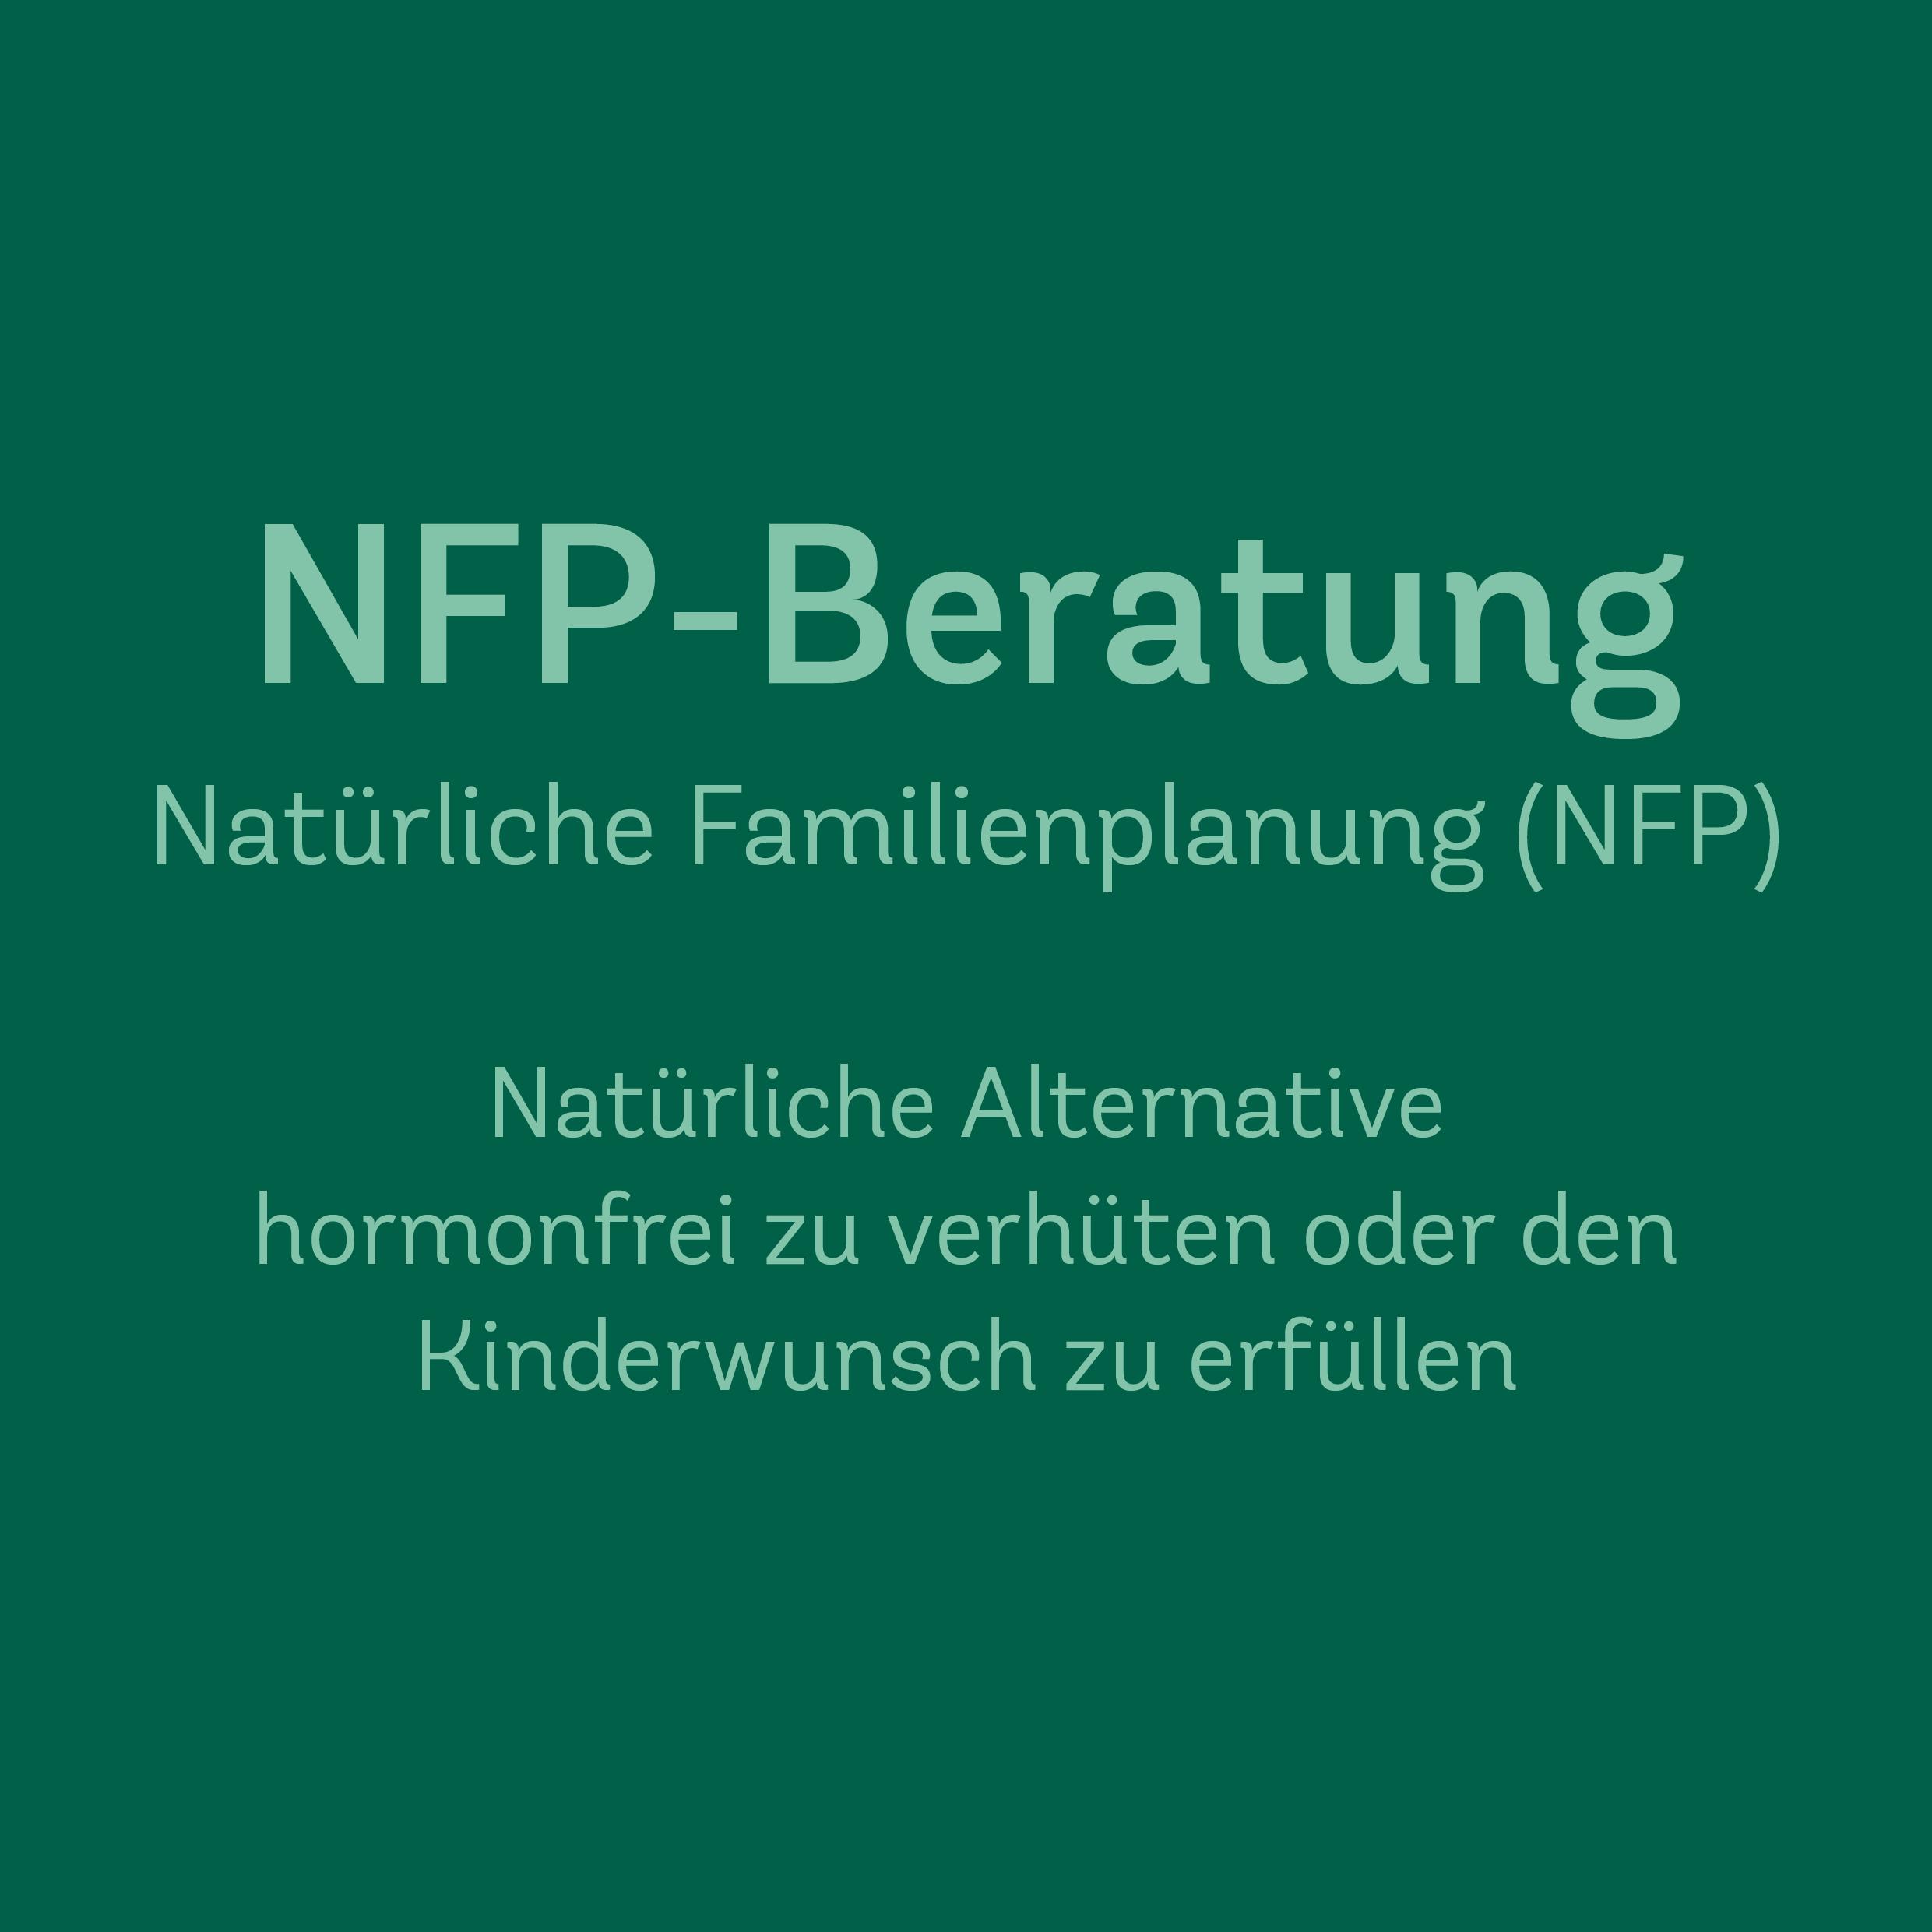 NFP Beratung/Kurs mit 4-5 Einheiten